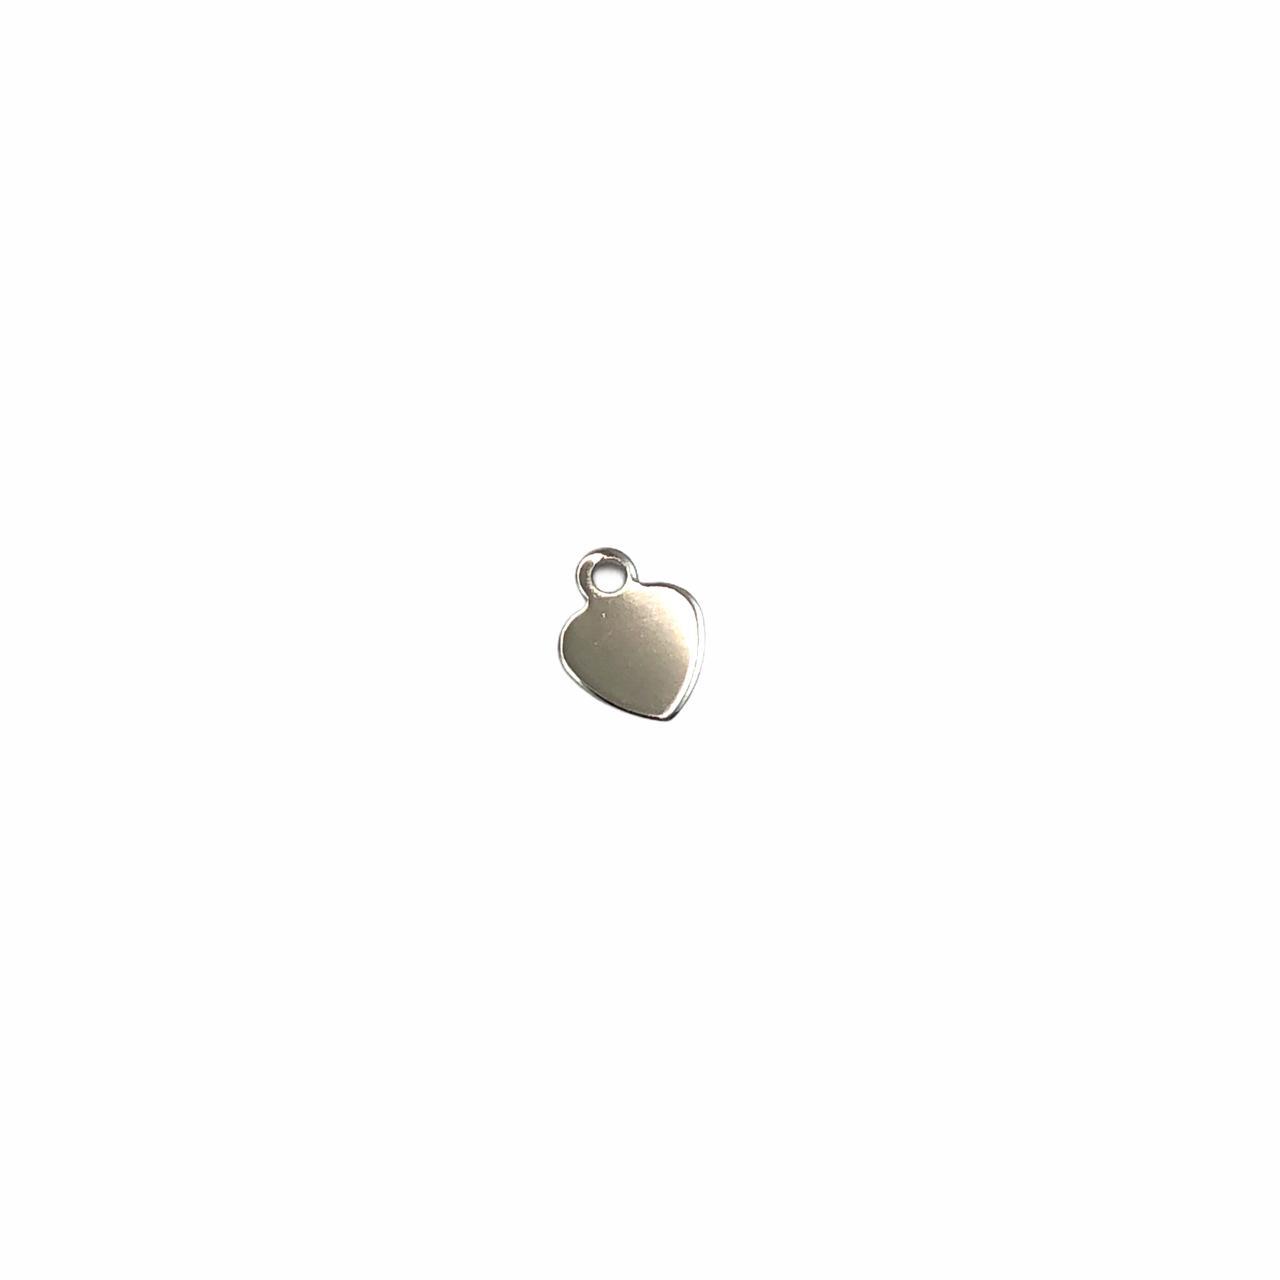 PG855 - Pingente Coração 5mm Banhado Cor Prata - 1Grs